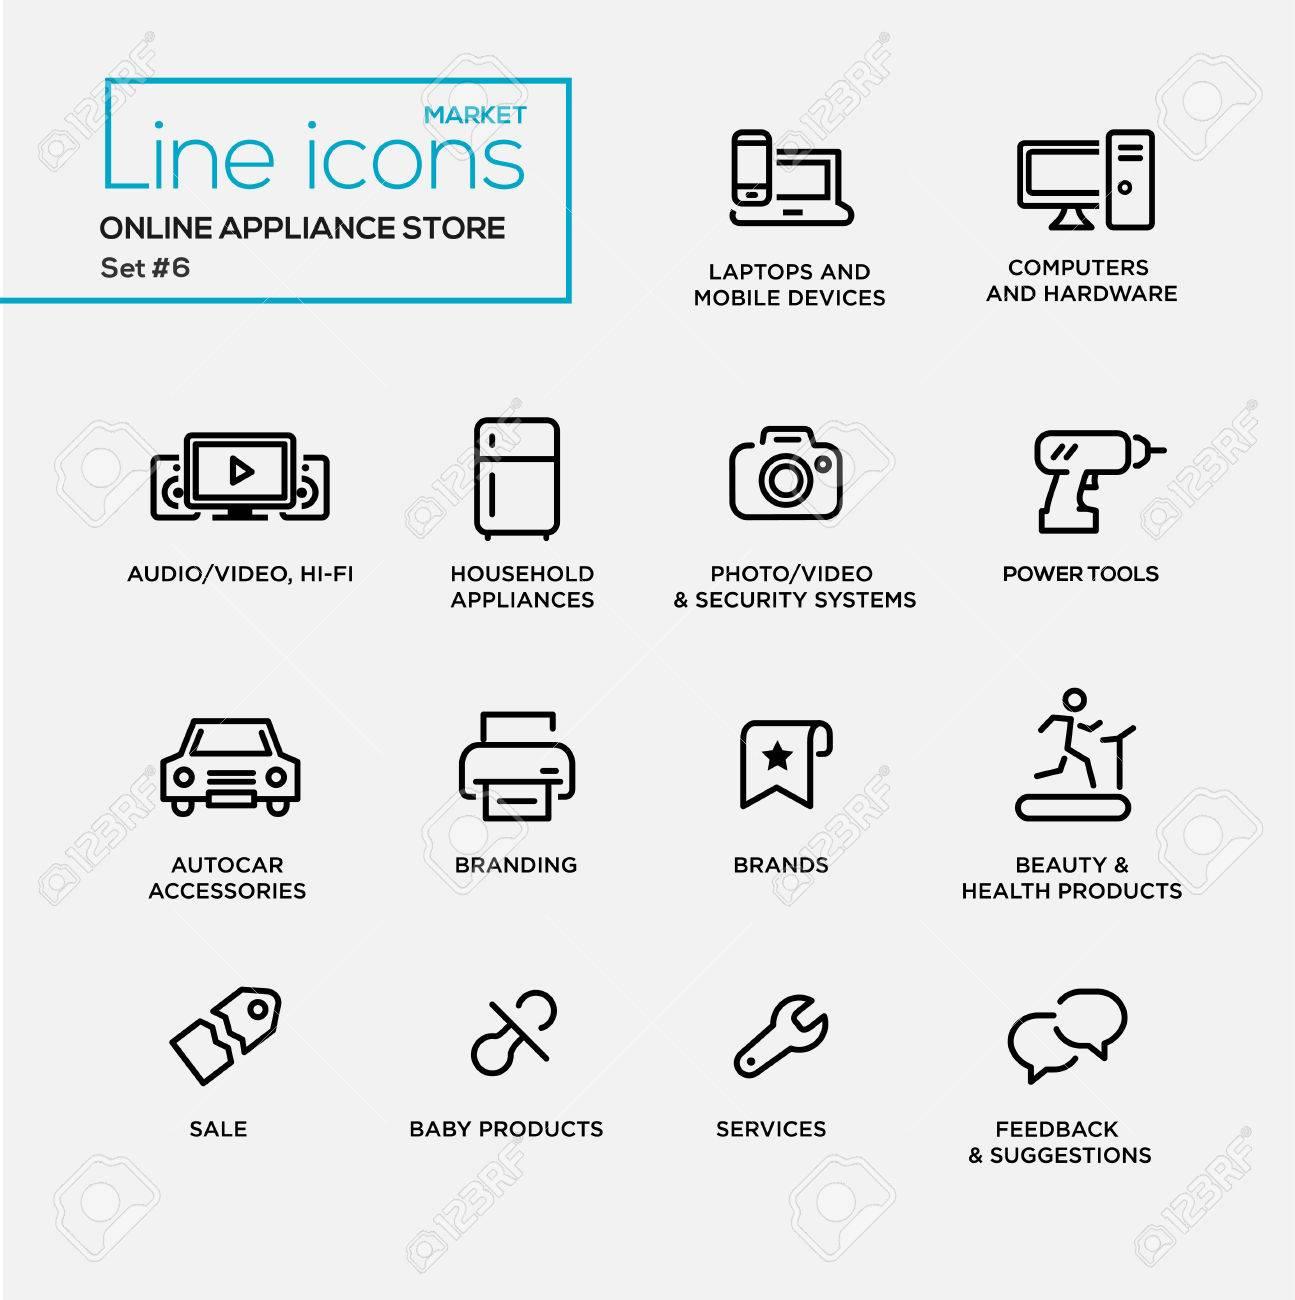 Moderne Online-Gerät zu speichern einfache dünne Linie Design-Ikonen,  Online-Shop Piktogramme. Computer, Bürobedarf, Haushalt, Sicherheit, ...